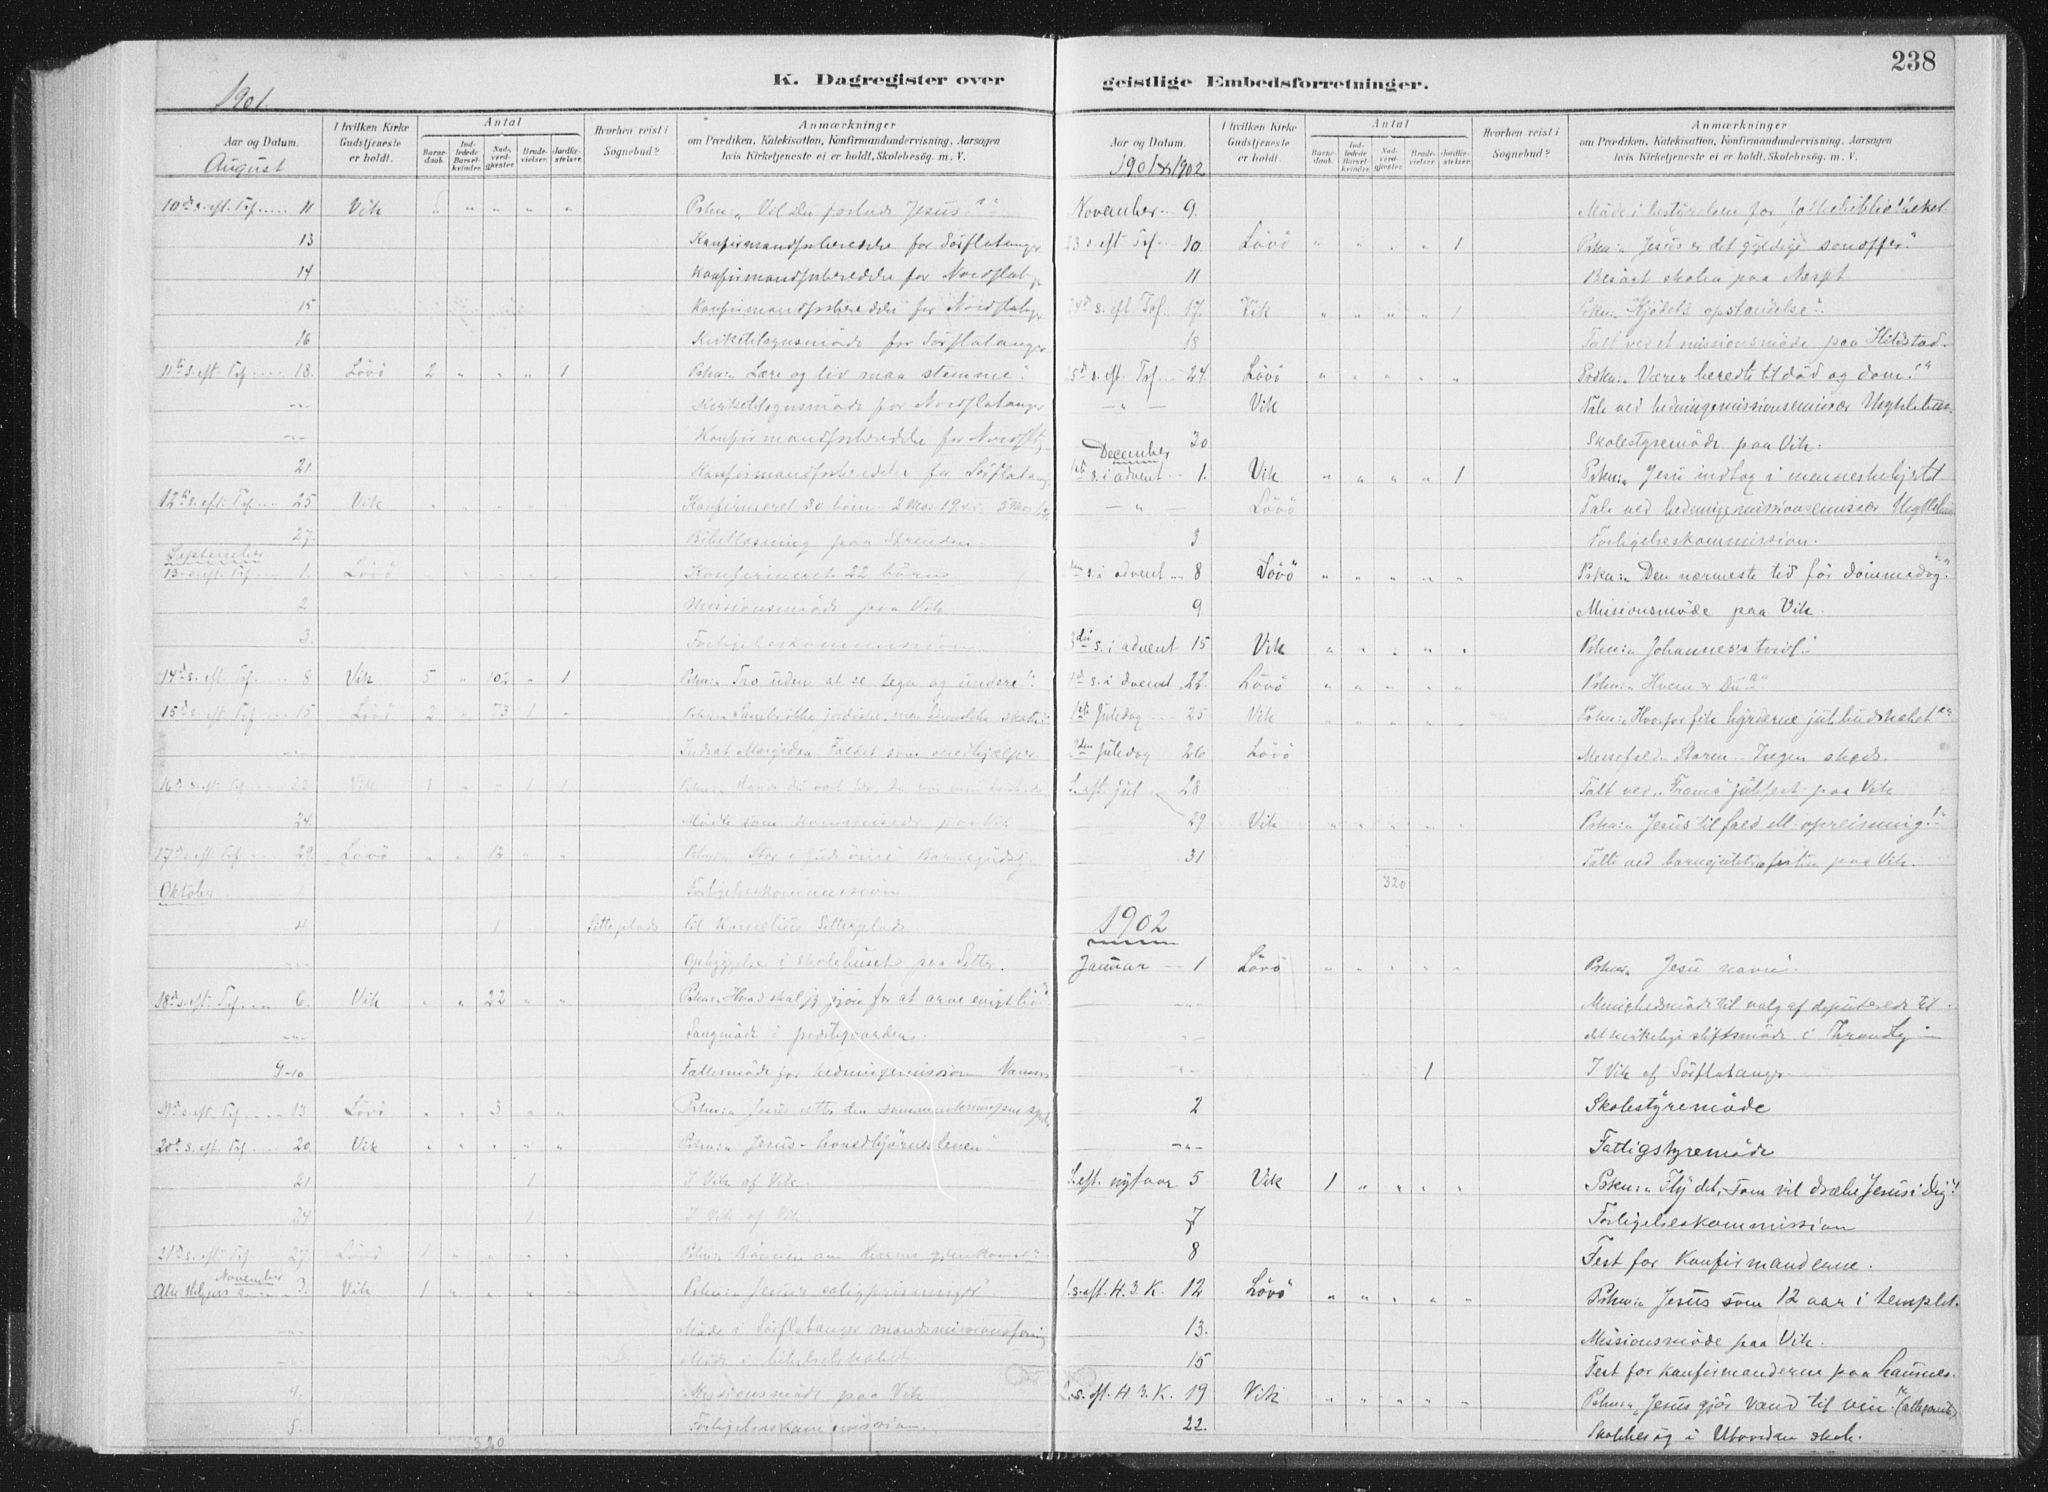 SAT, Ministerialprotokoller, klokkerbøker og fødselsregistre - Nord-Trøndelag, 771/L0597: Ministerialbok nr. 771A04, 1885-1910, s. 238